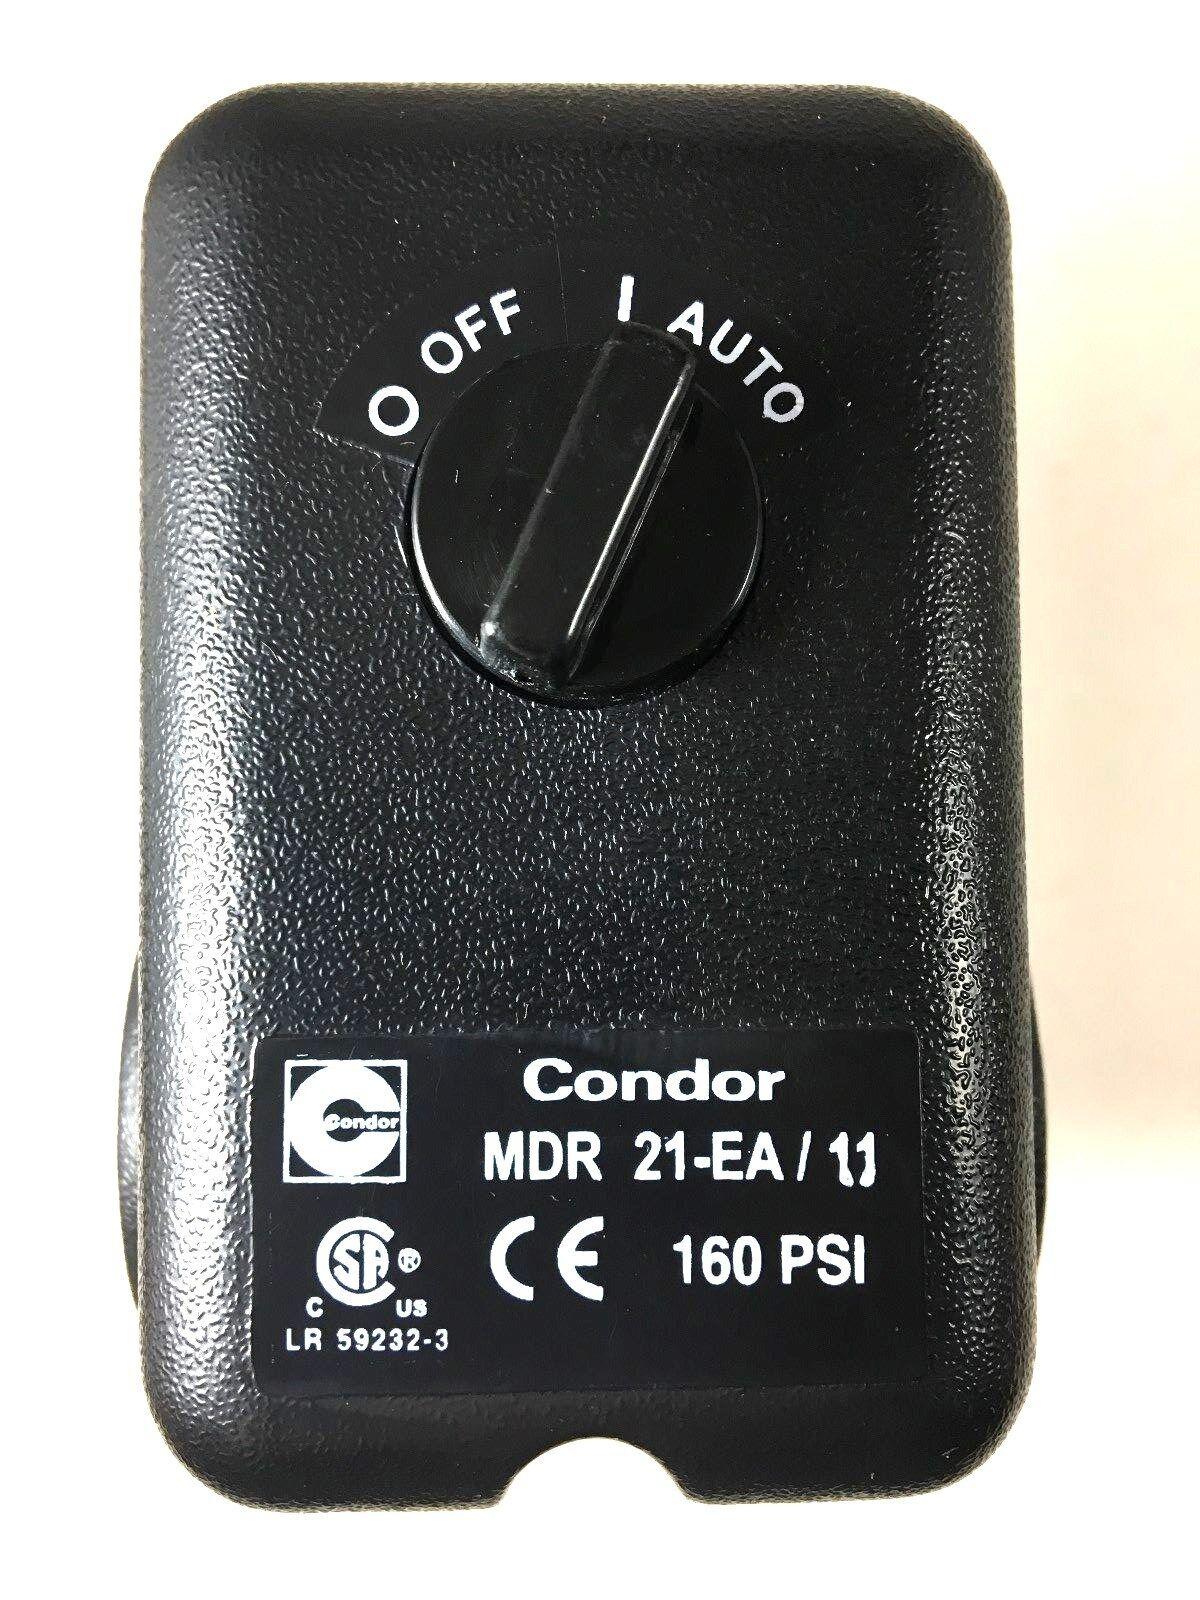 condor mdr 21 ea 11 manual